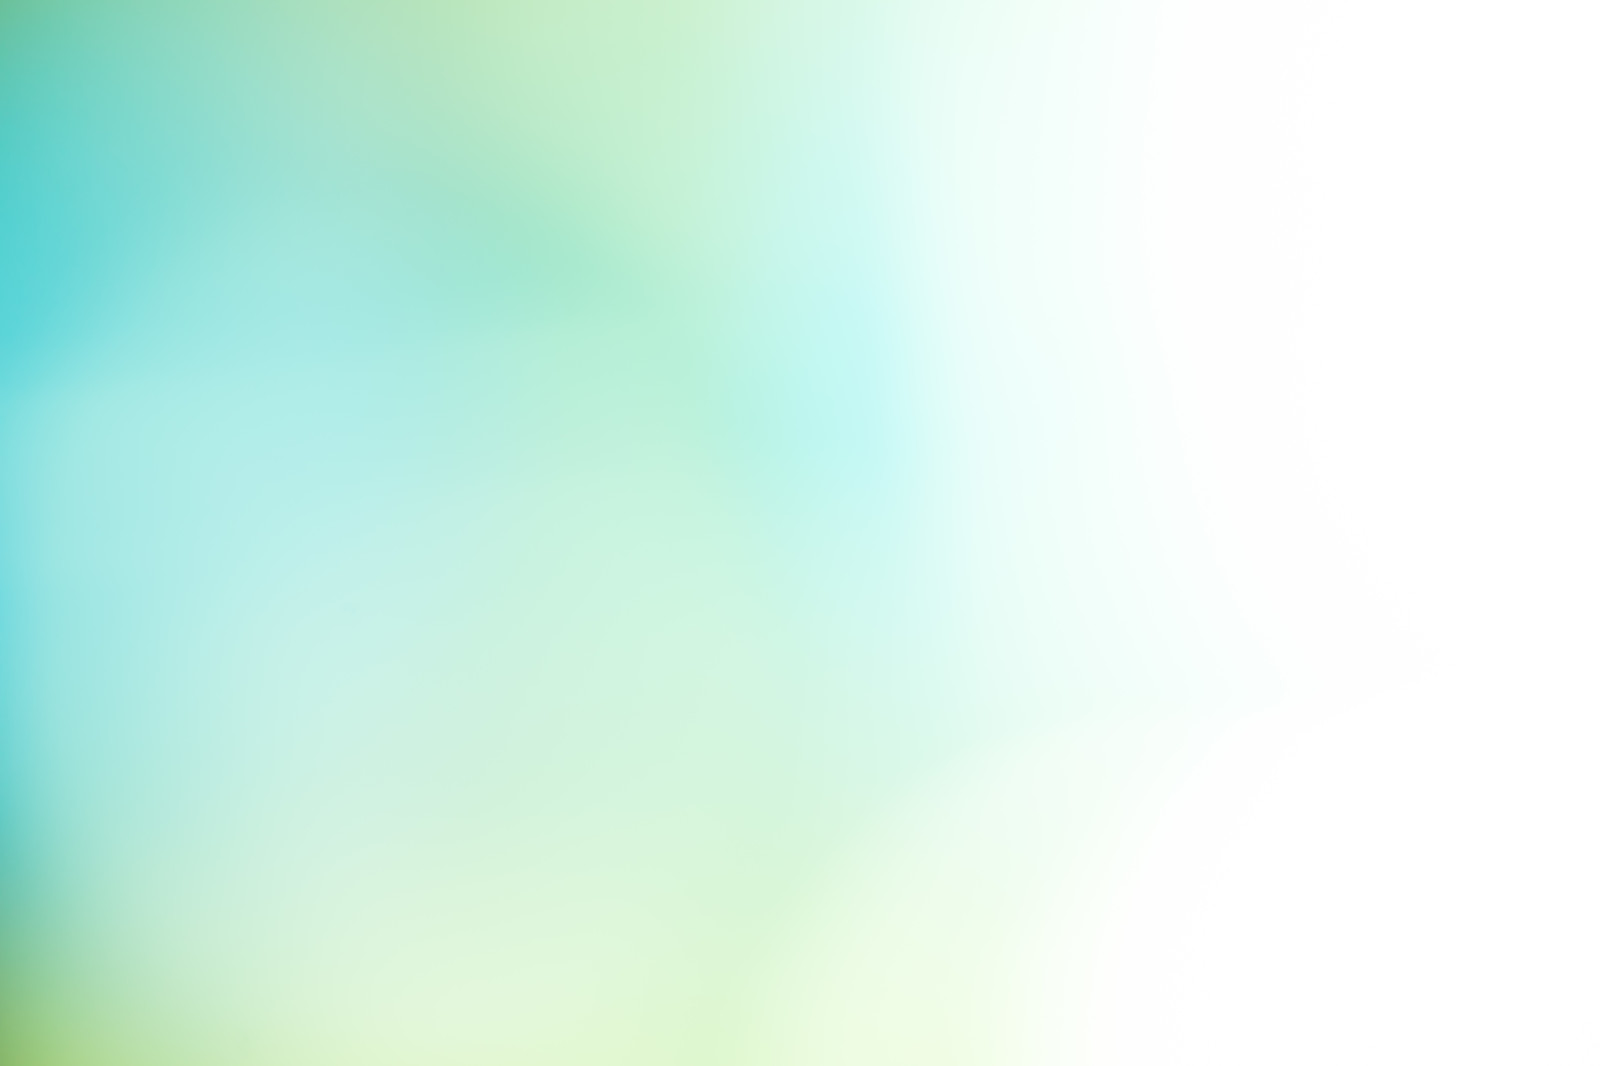 「淡い緑の光」の写真